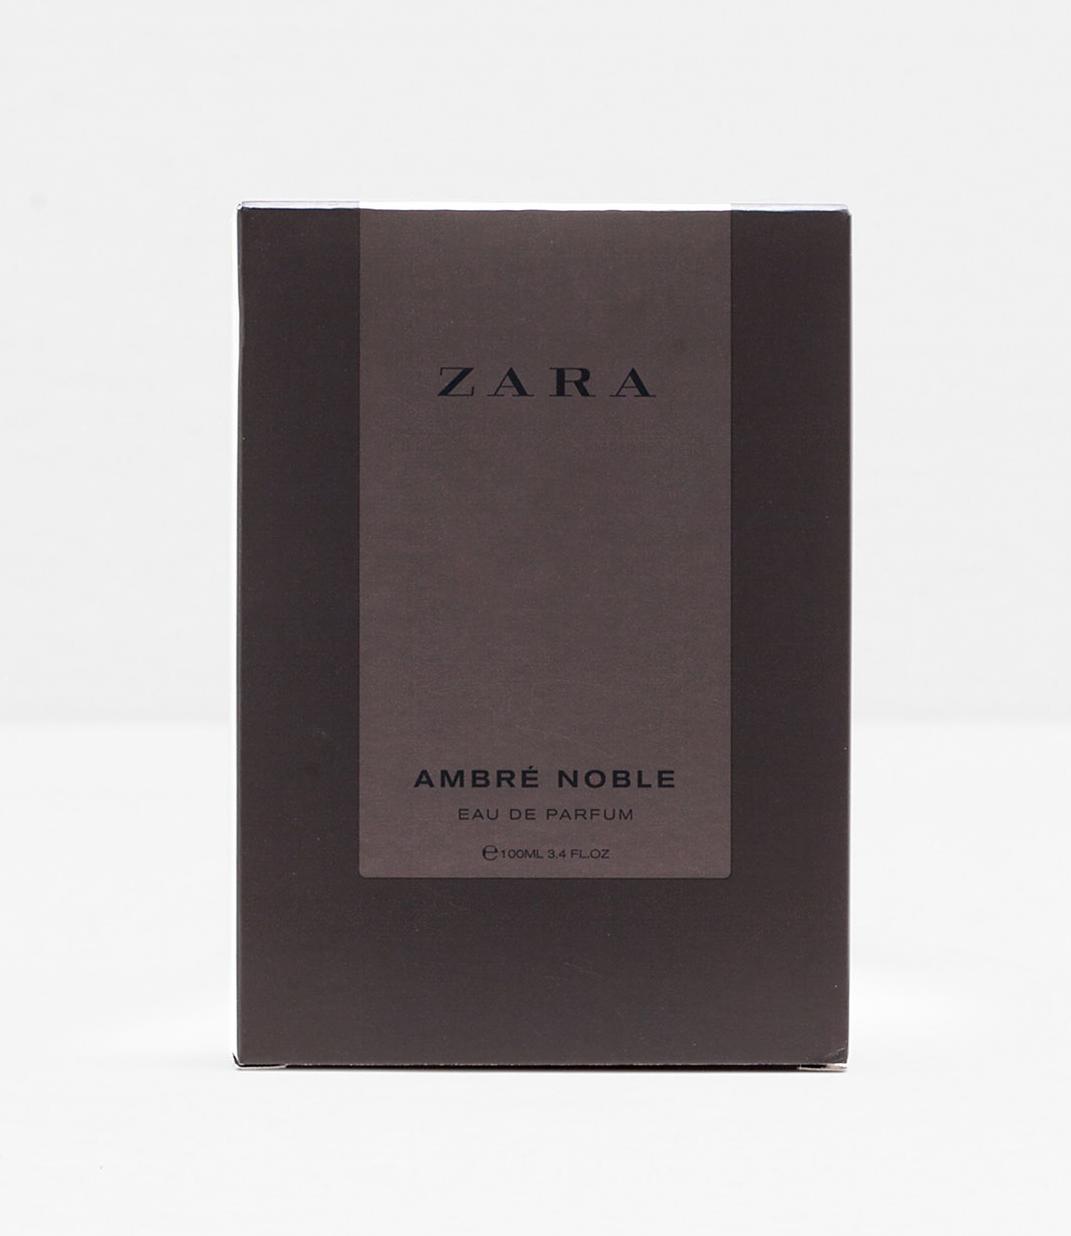 Un Parfum Zara Homme Ambre Cologne Noble Pour 2016 roBCeWxd